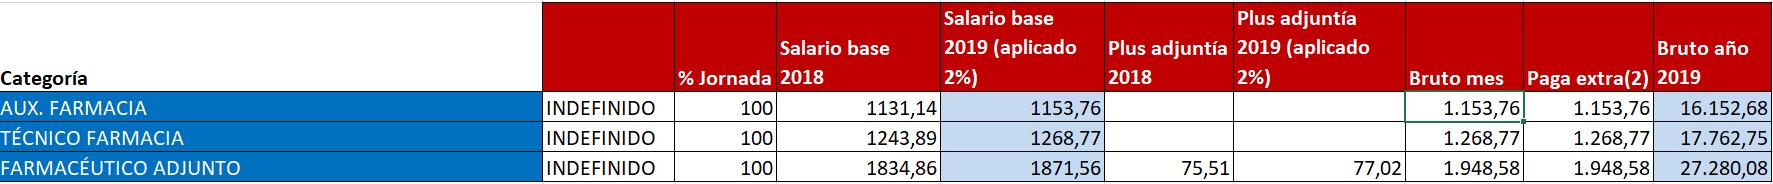 Tabla de subida salarial en farmacias para 2019